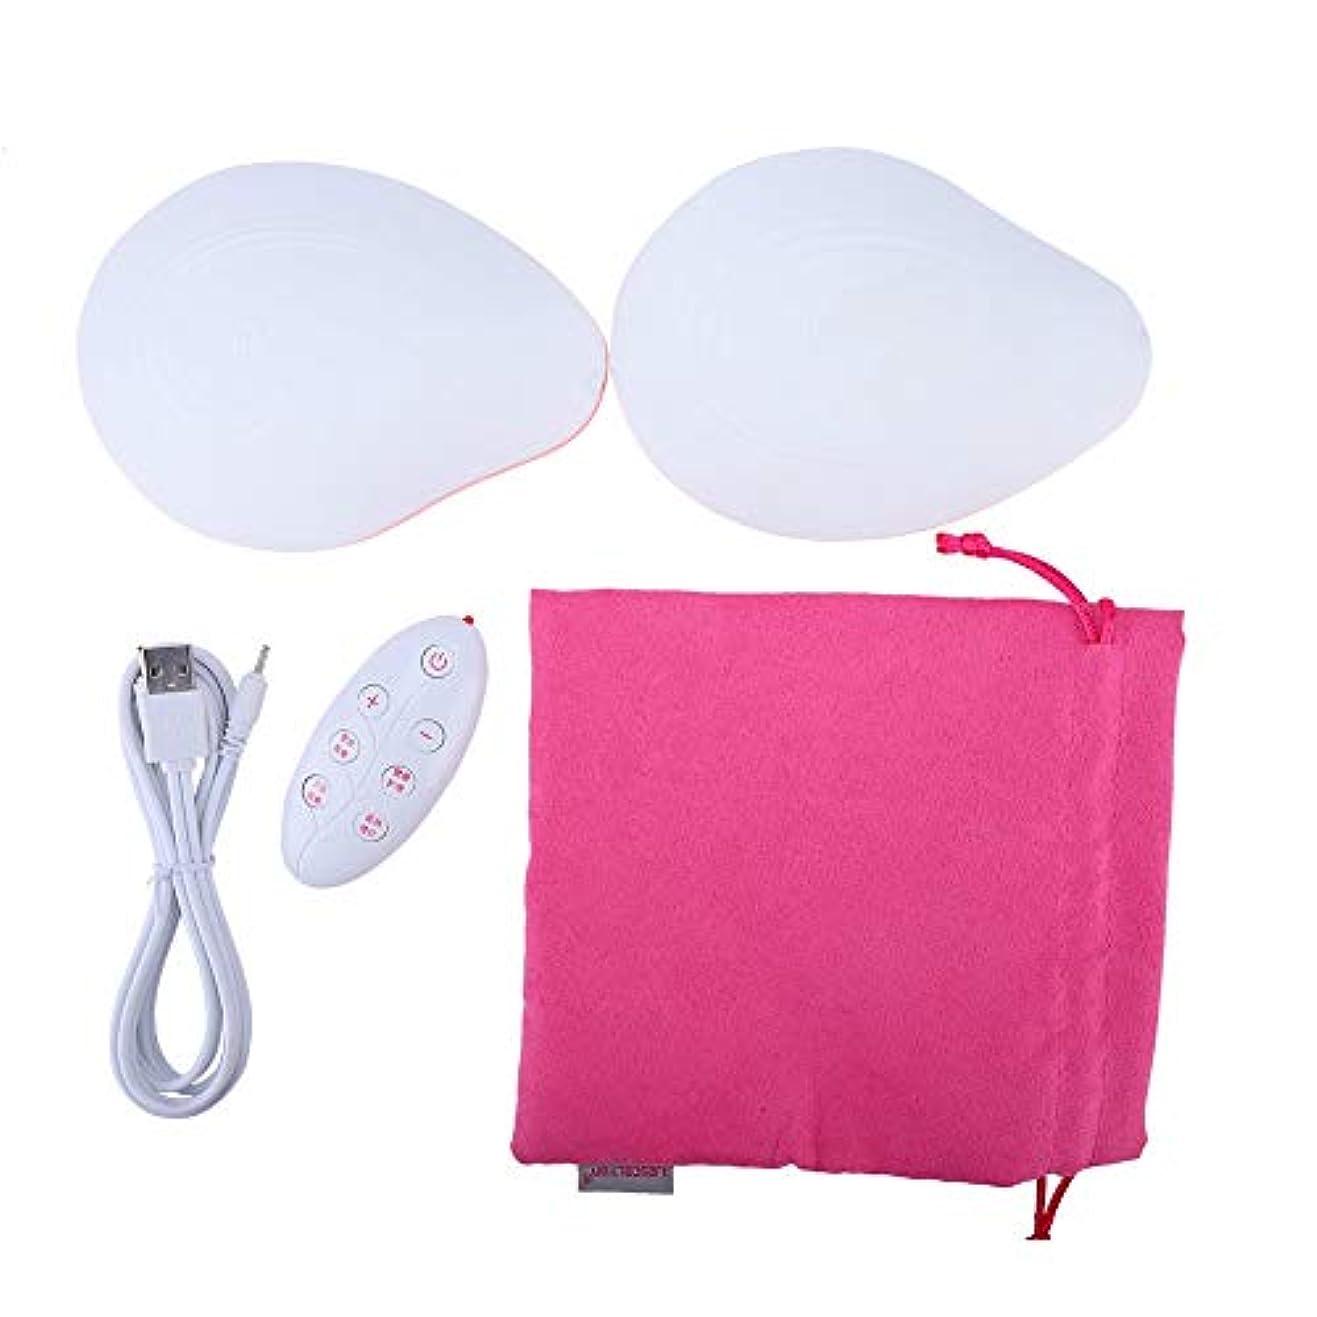 蓄積する委任満足できる胸の拡大のマッサージャー、胸の拡大のためのUSBの電気振動のバストの上昇の増強物機械(#1)